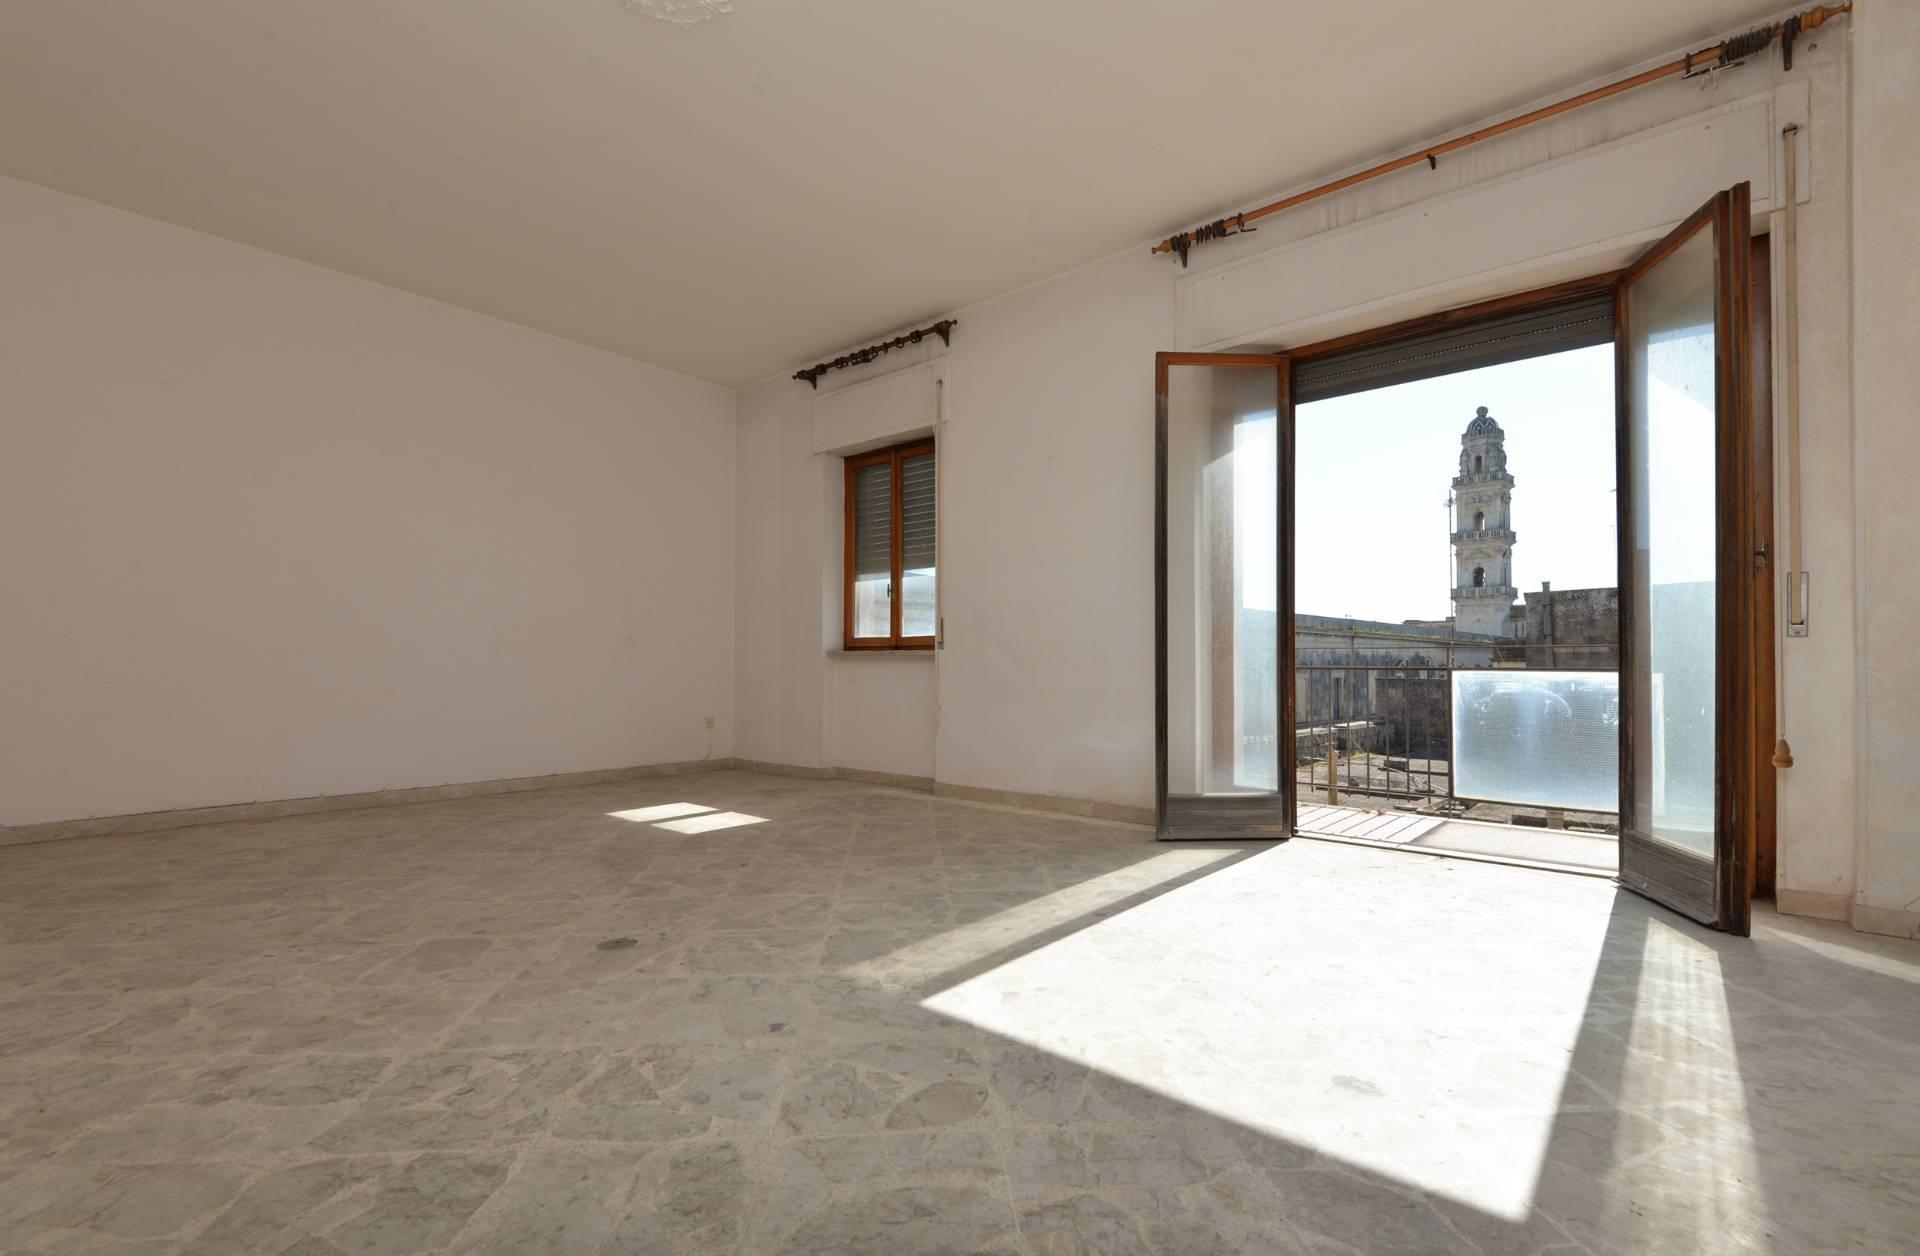 Appartamento in vendita a Maglie, 6 locali, prezzo € 109.000 | CambioCasa.it